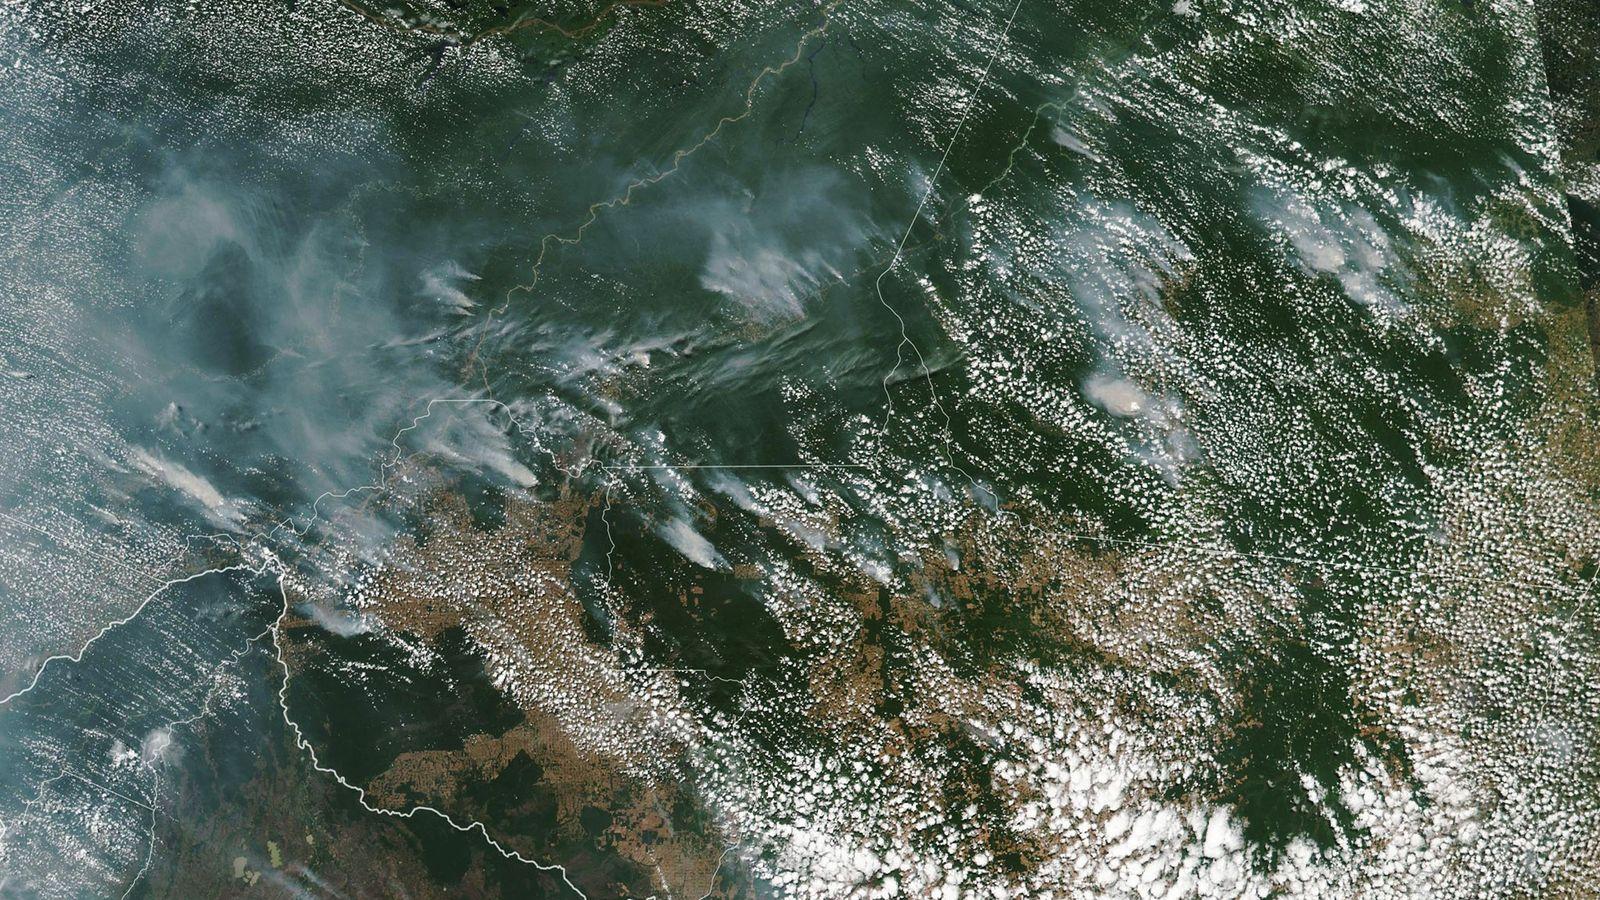 A fumaça dos incêndios na Amazônia foi registrada nesta imagem de satélite tirada pela Nasa.